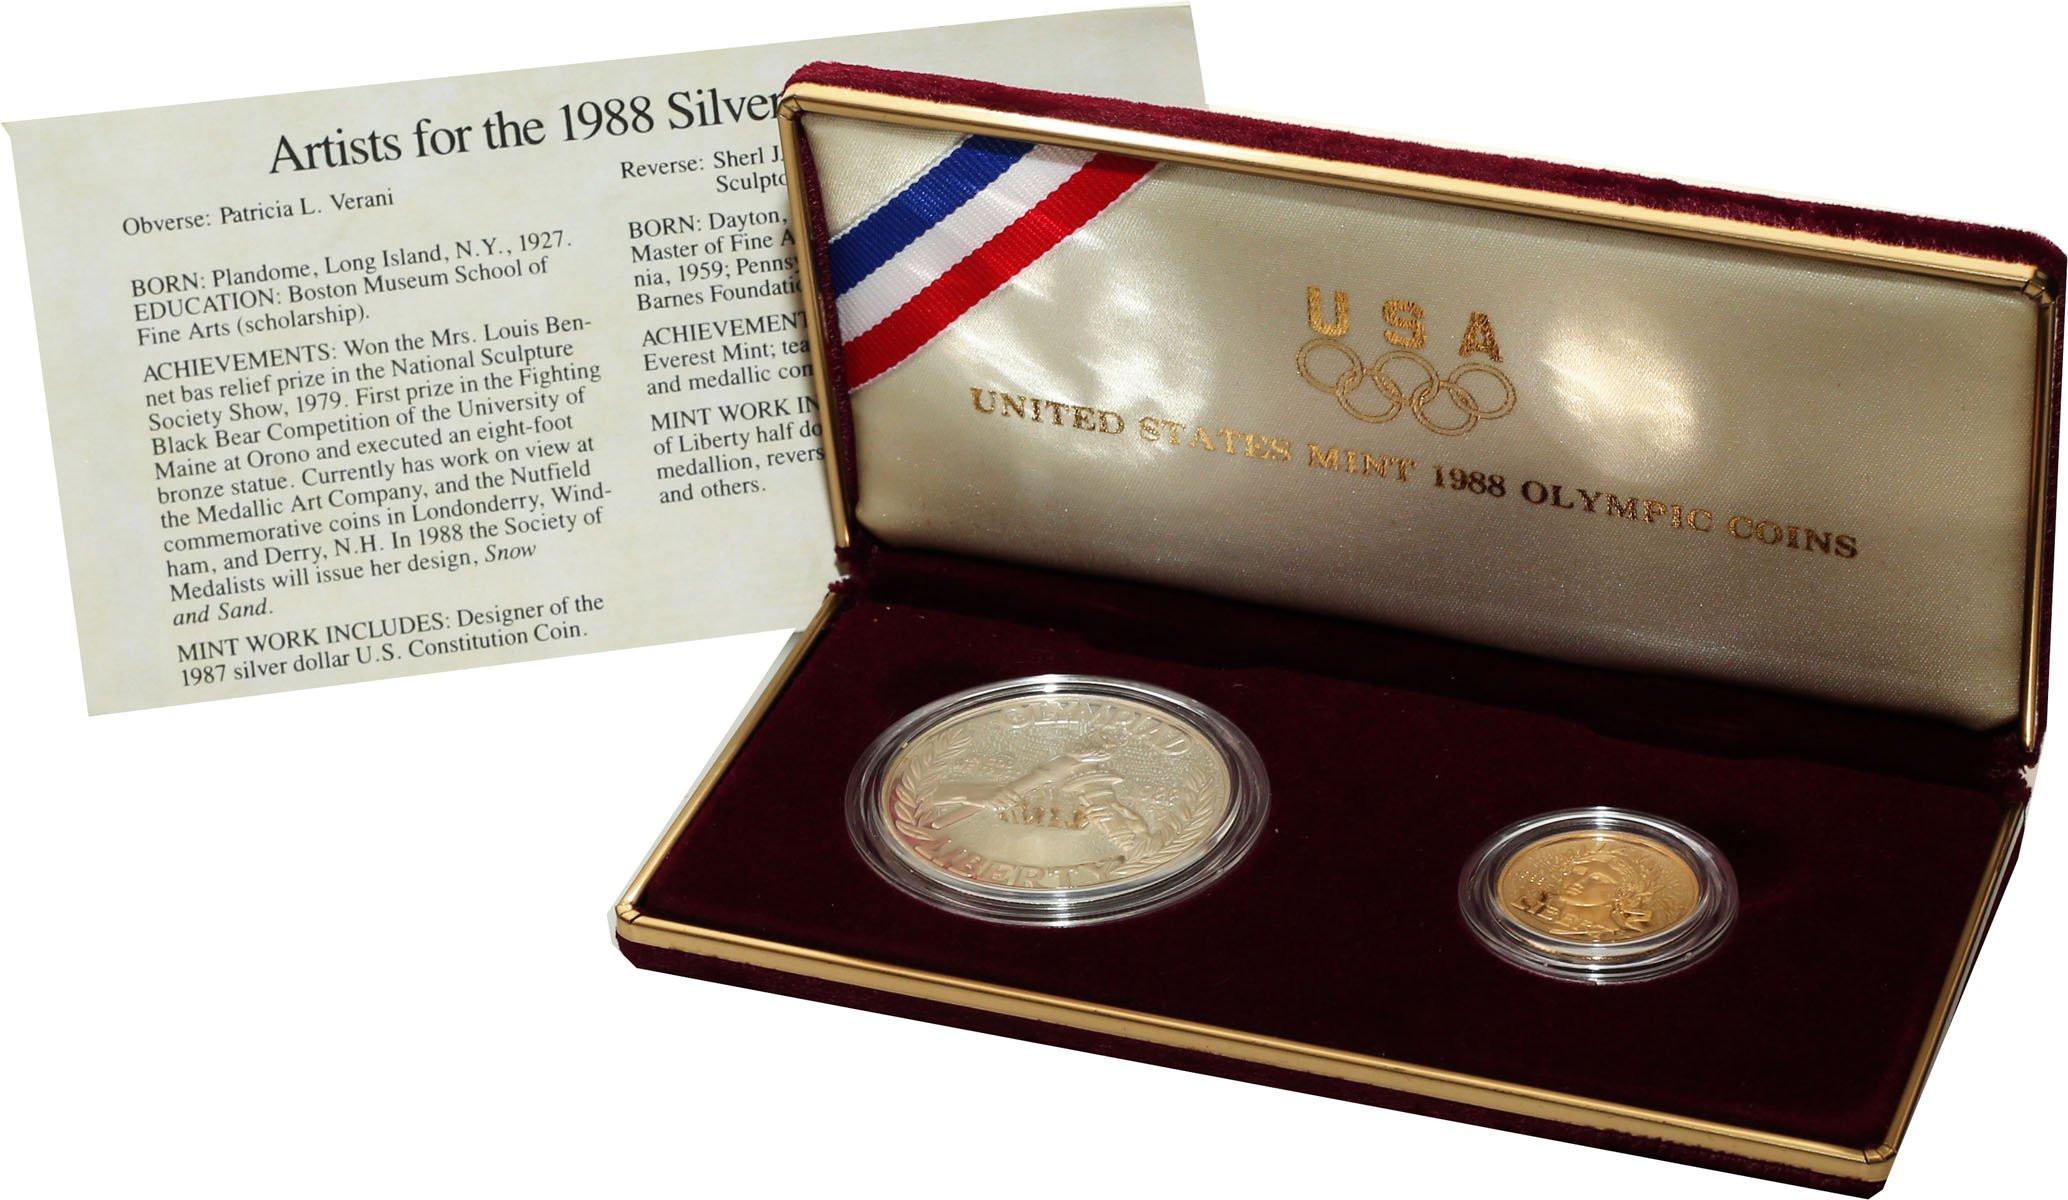 USA. 1 - 5 dolarów 1988 - Igrzyska Olimpijskie ZŁOTO + srebro